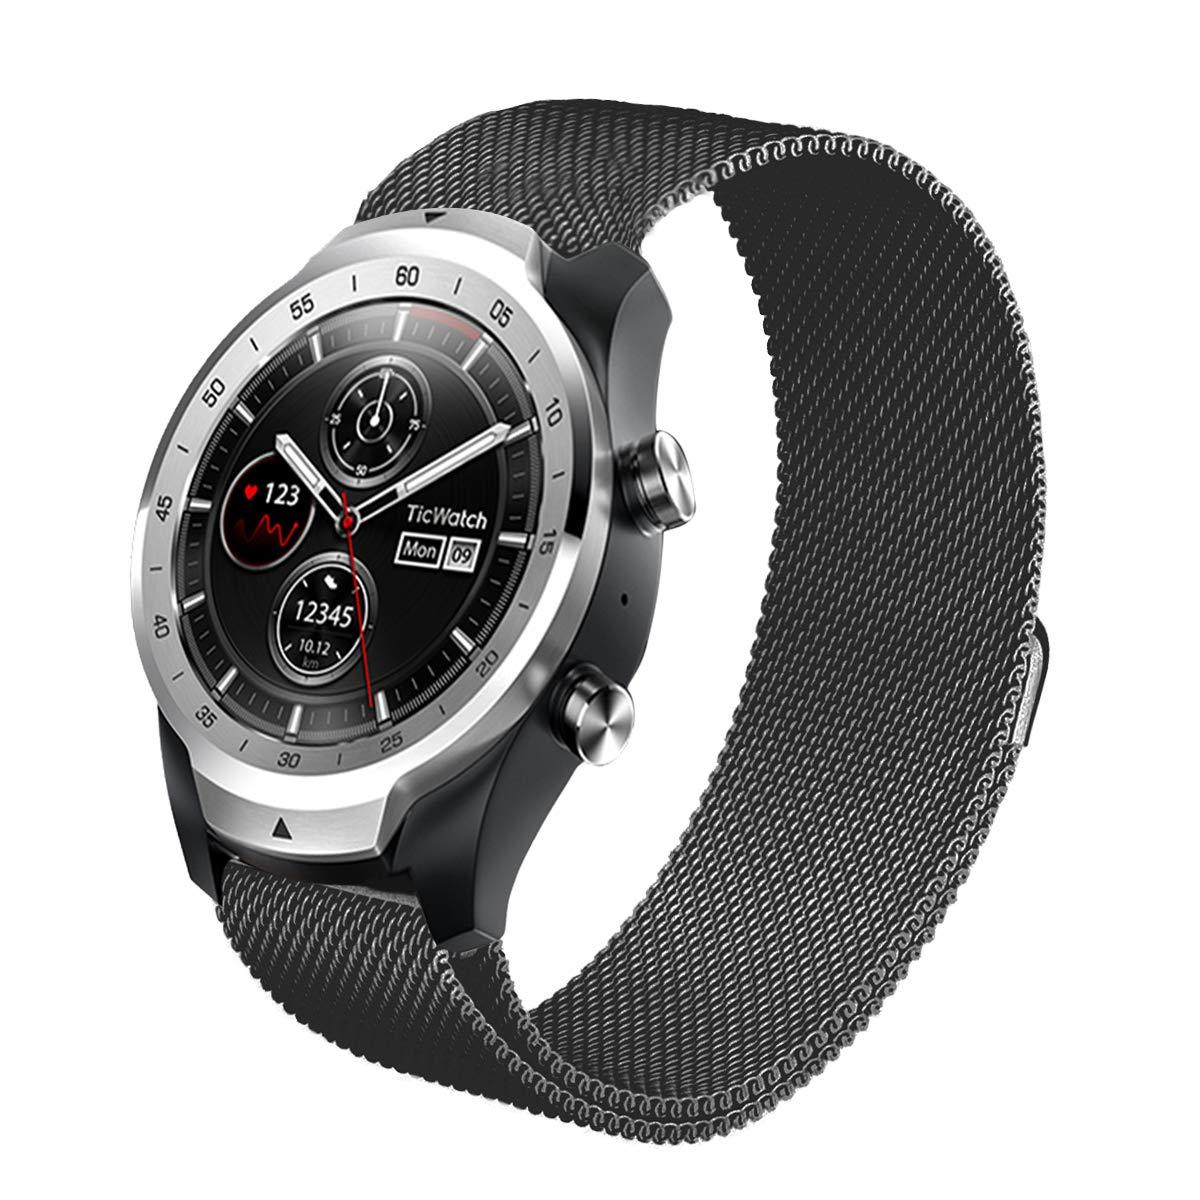 Aimtel para Ticwatch Pro Correa de Acero Inoxidable, 22 mm, Correa de Metal de Repuesto Accesorios para Tic Watch Pro (Plata-1)